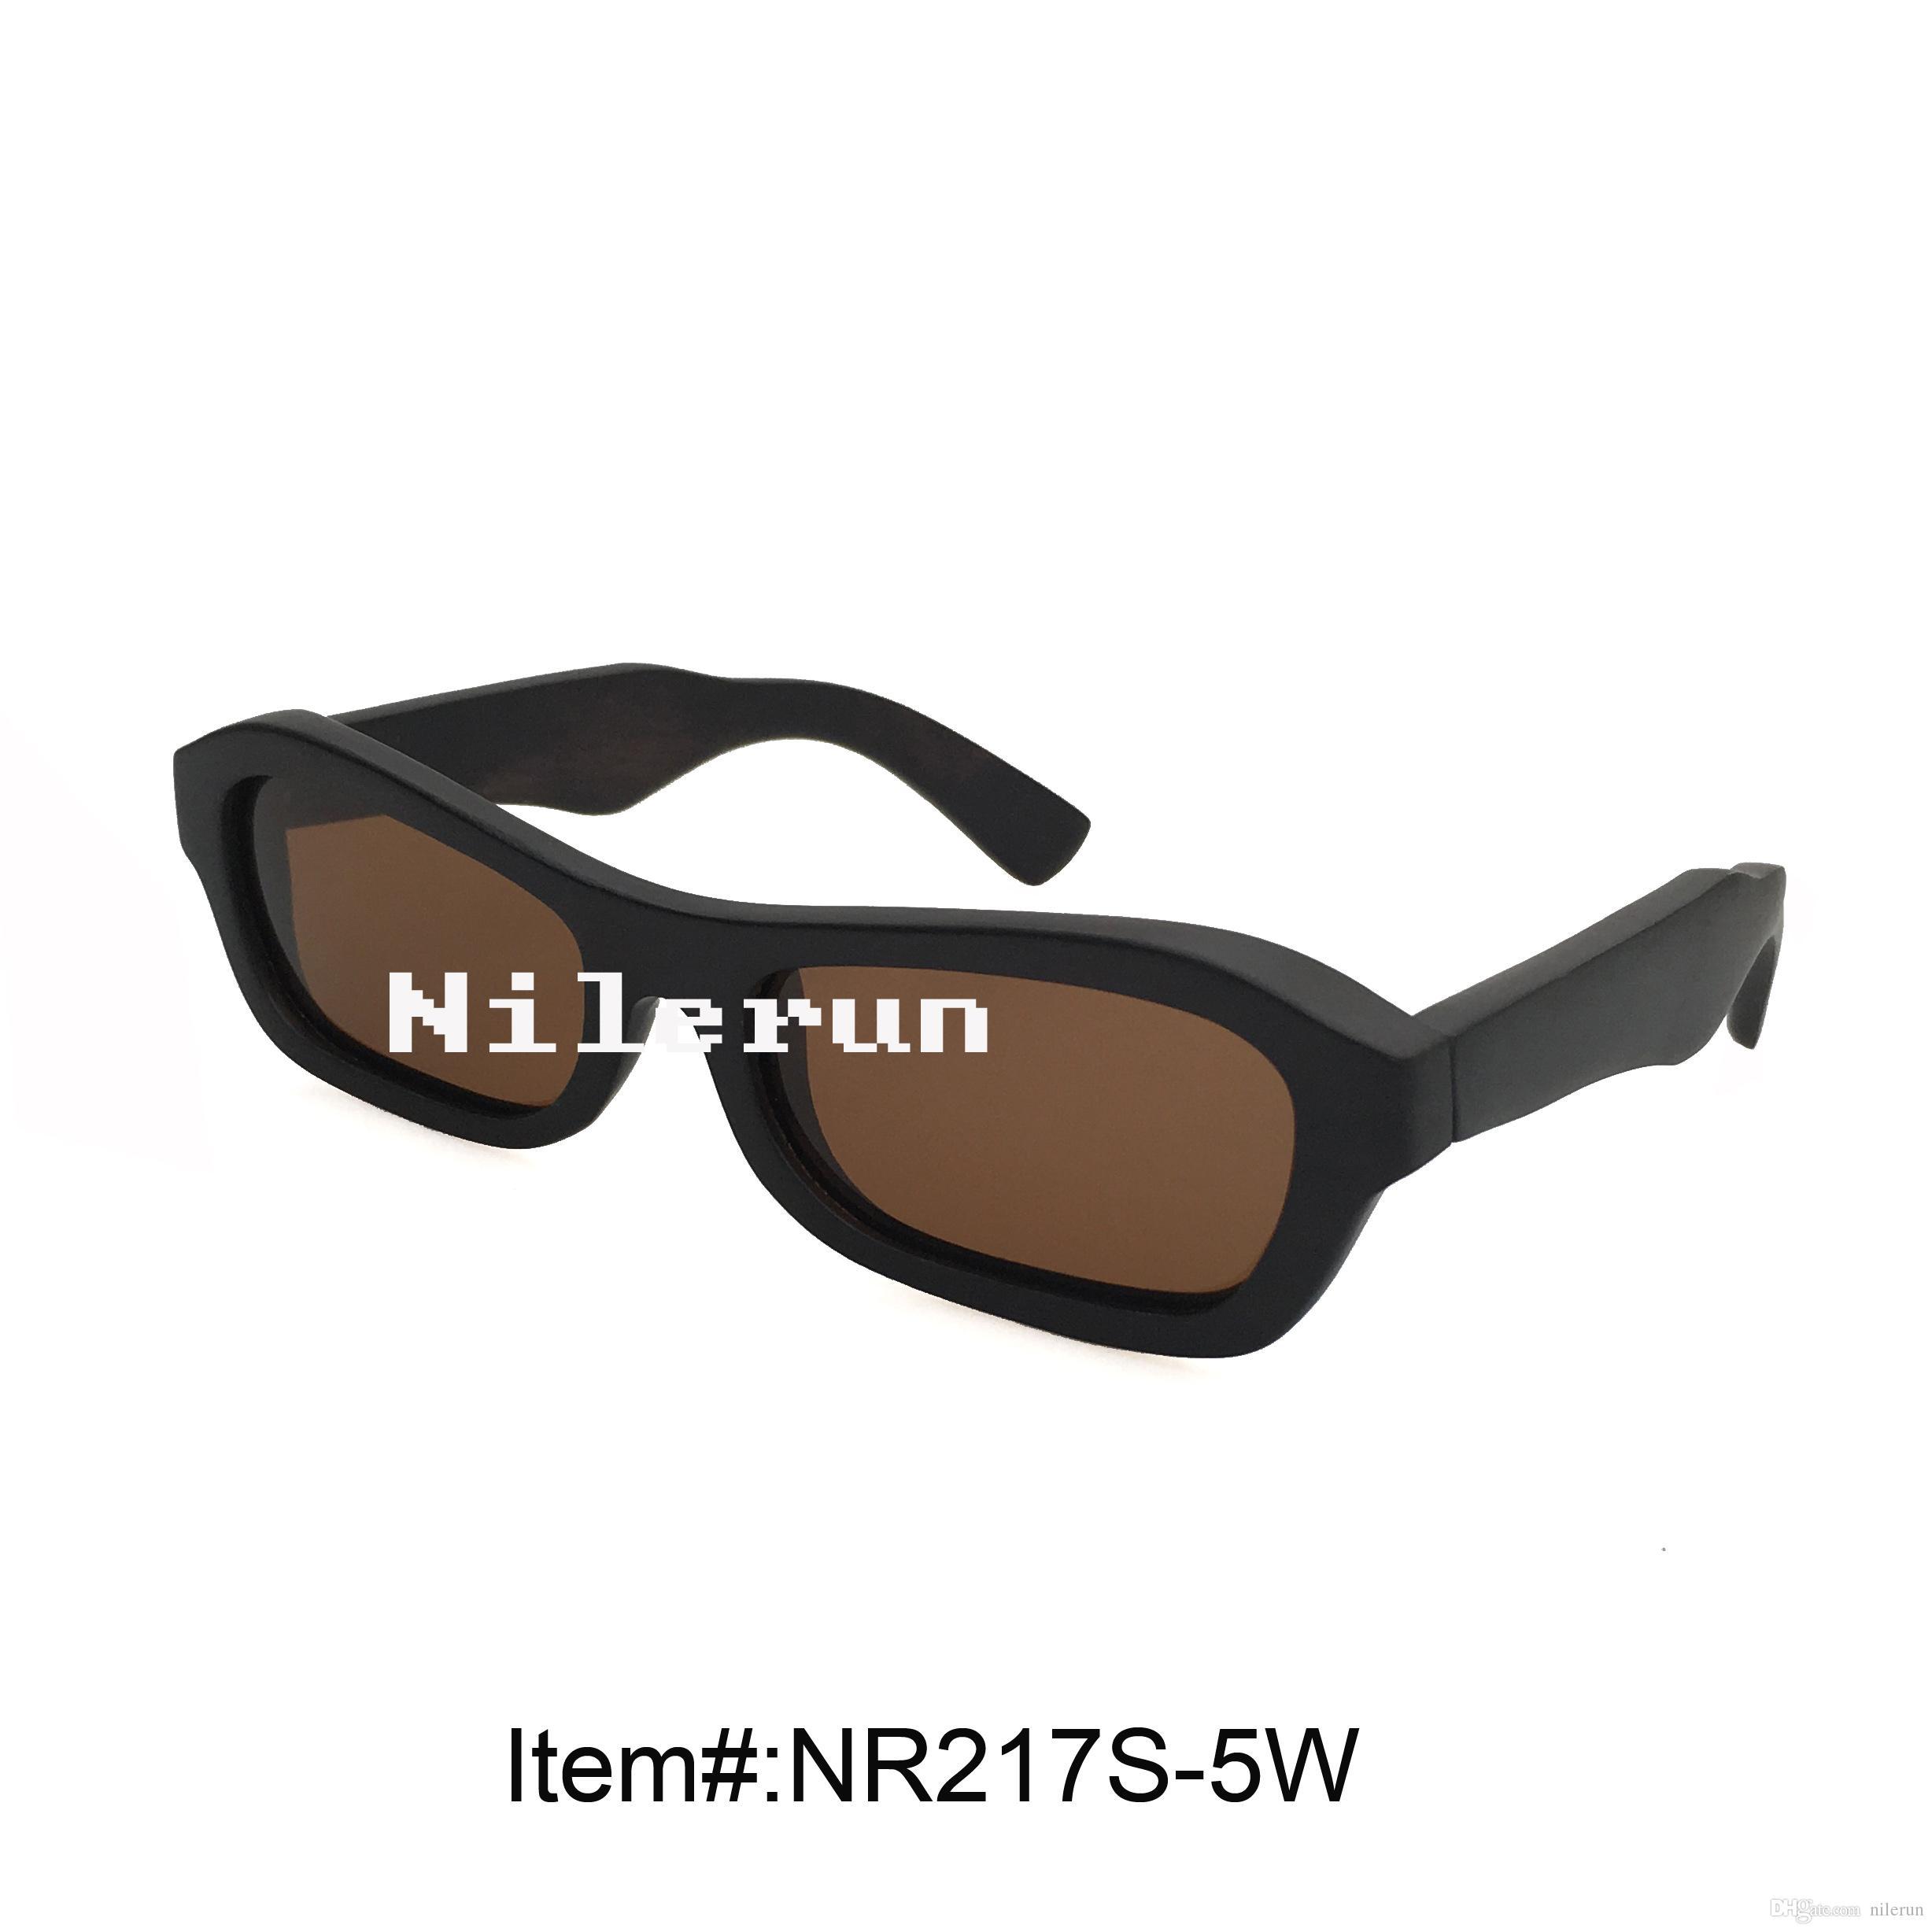 kleine rechteckige Sonnenbrille aus schwarzem Holz